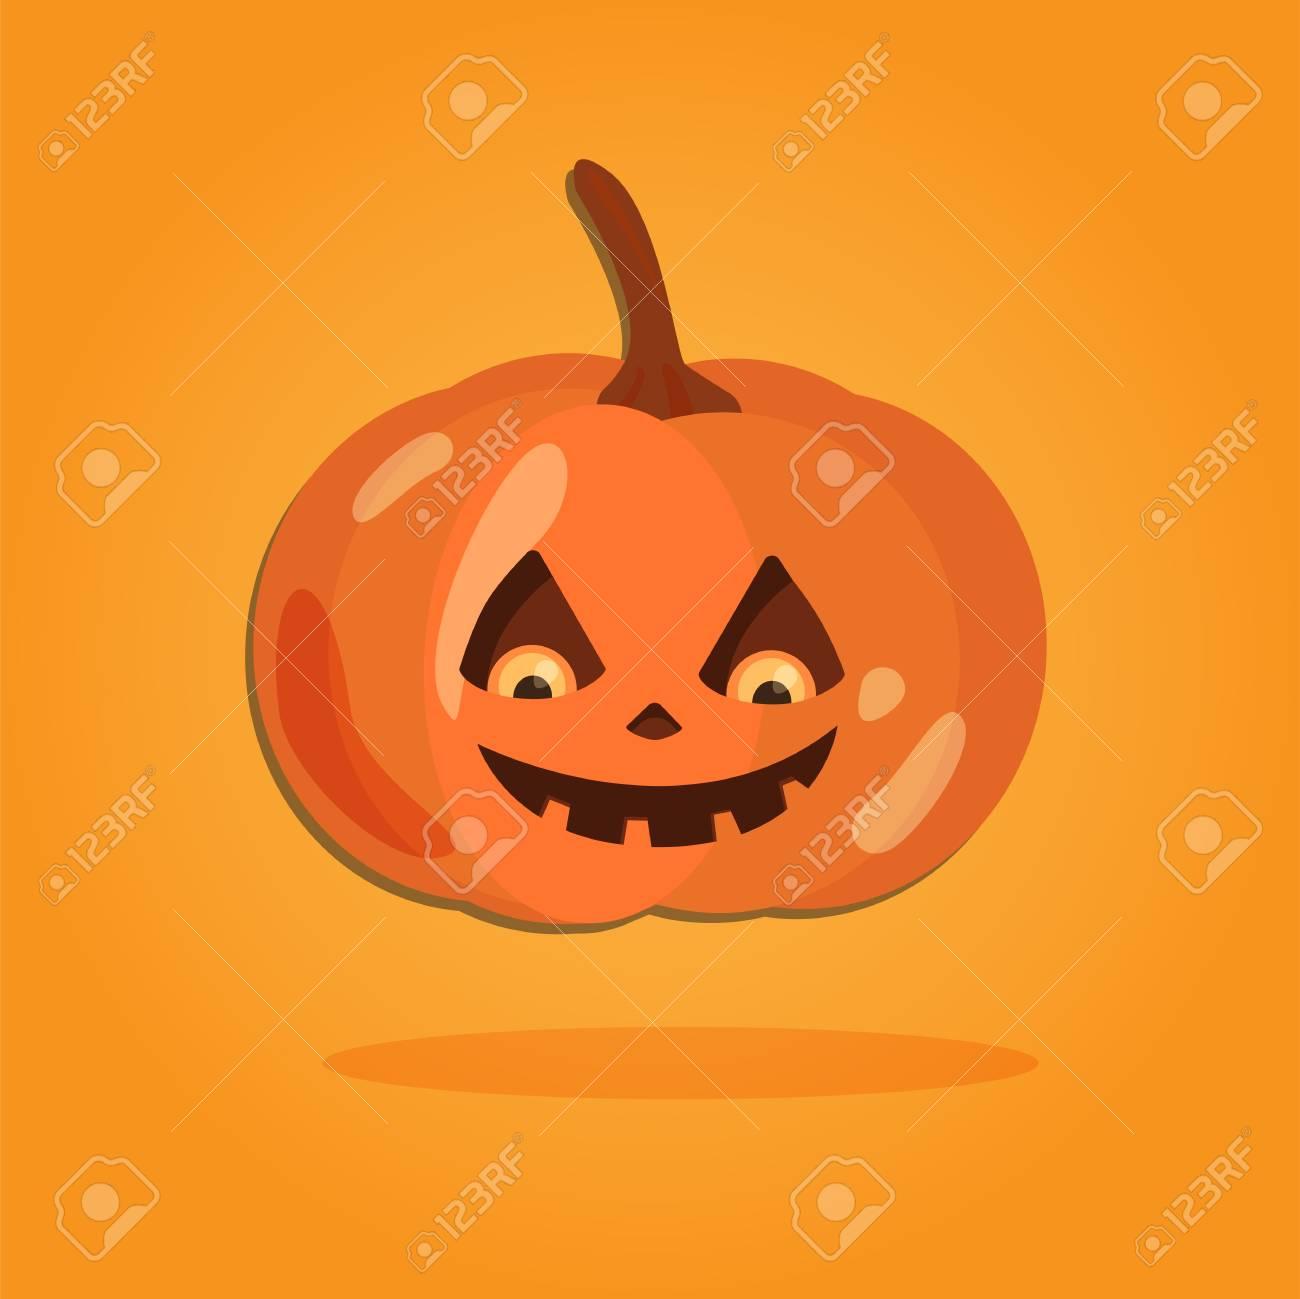 ハロウィーン漫画アート フラット スタイルでいますオレンジ色の背景かわいいデザインのカボチャ イラスト